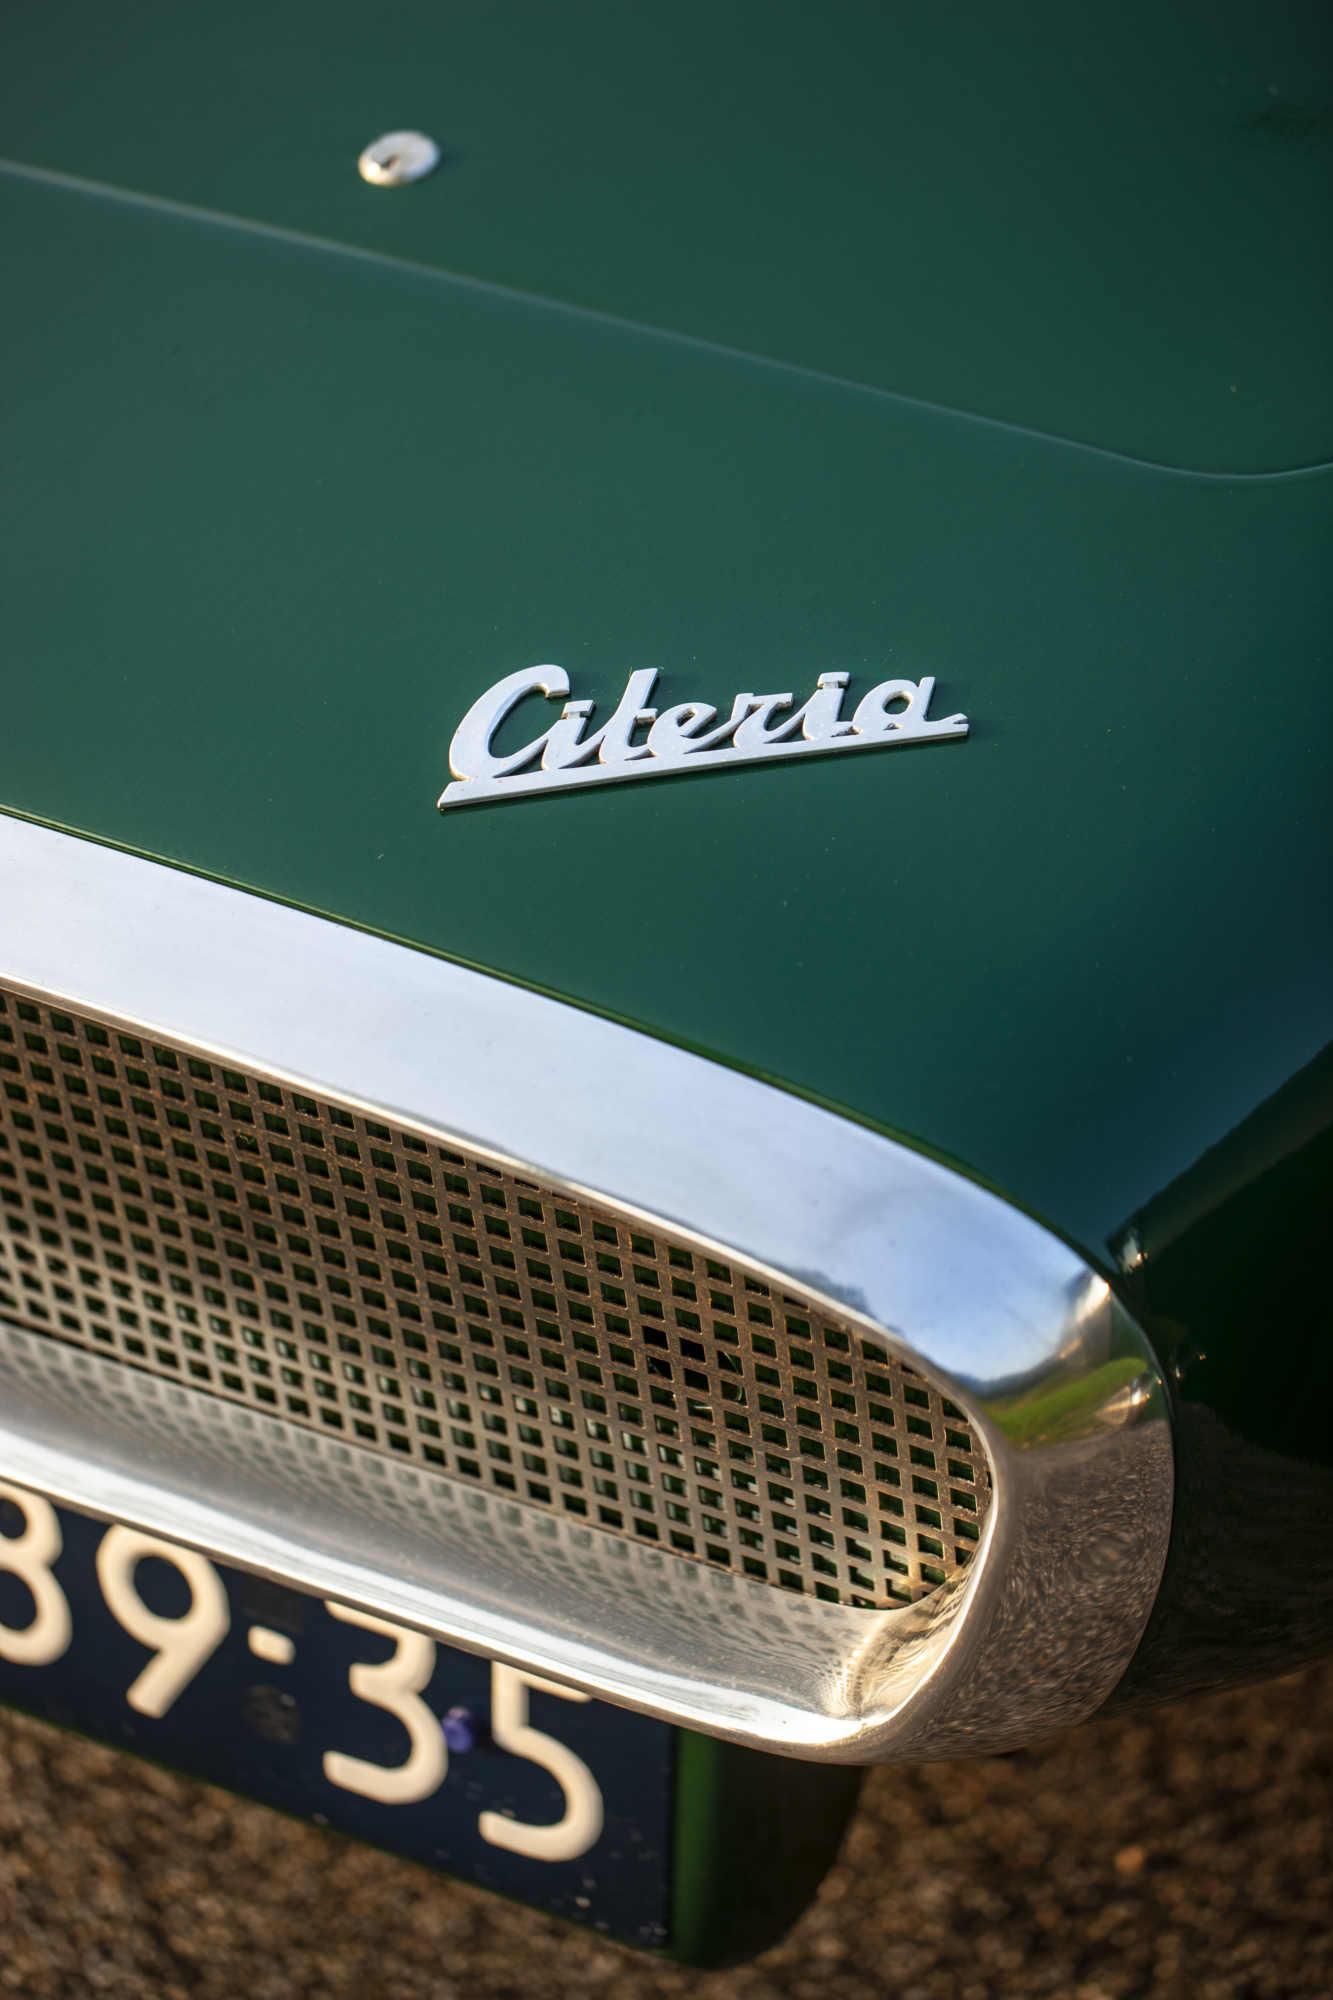 Citeria